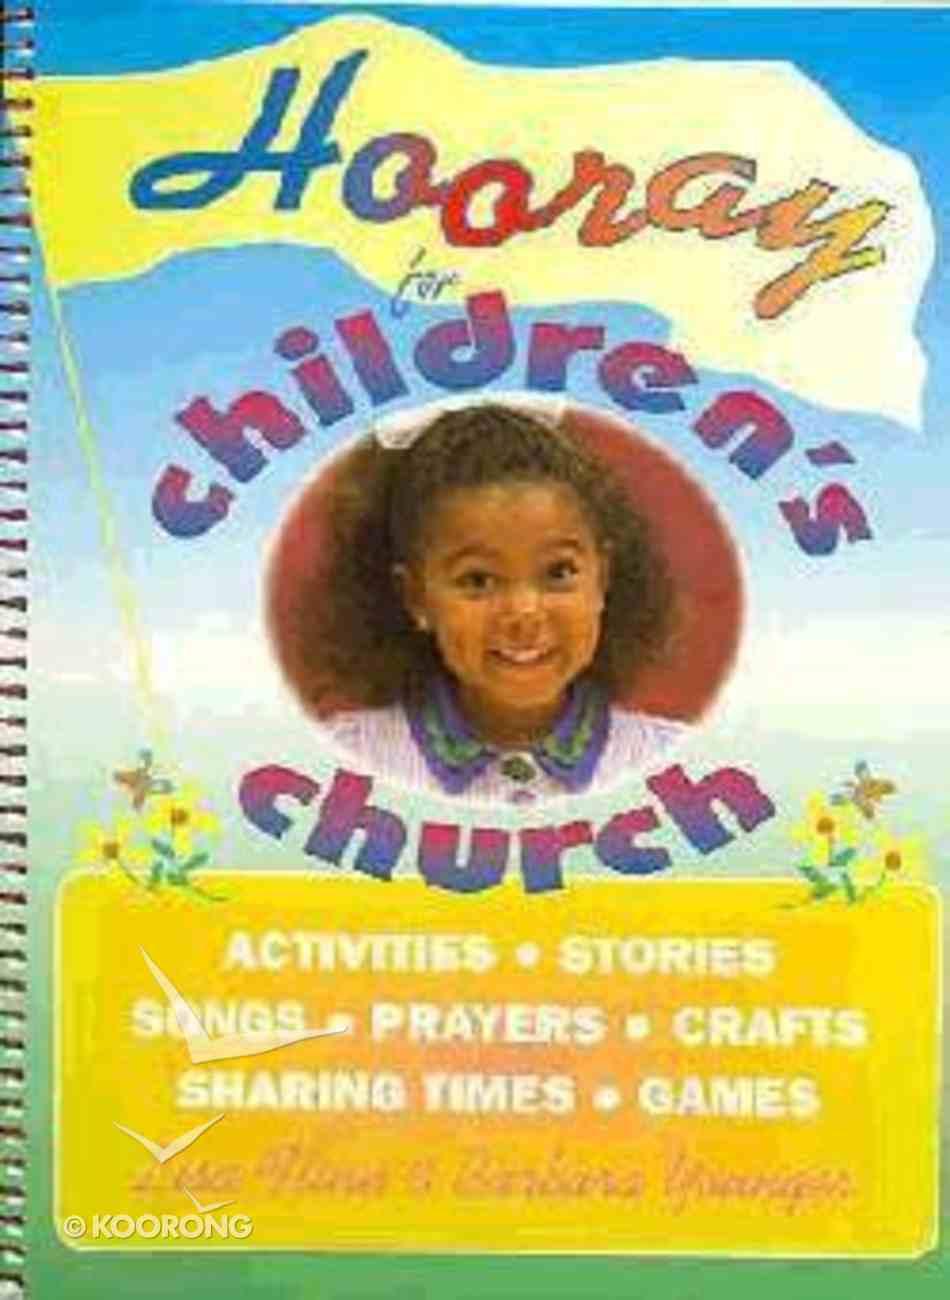 Hooray For Children's Church Paperback